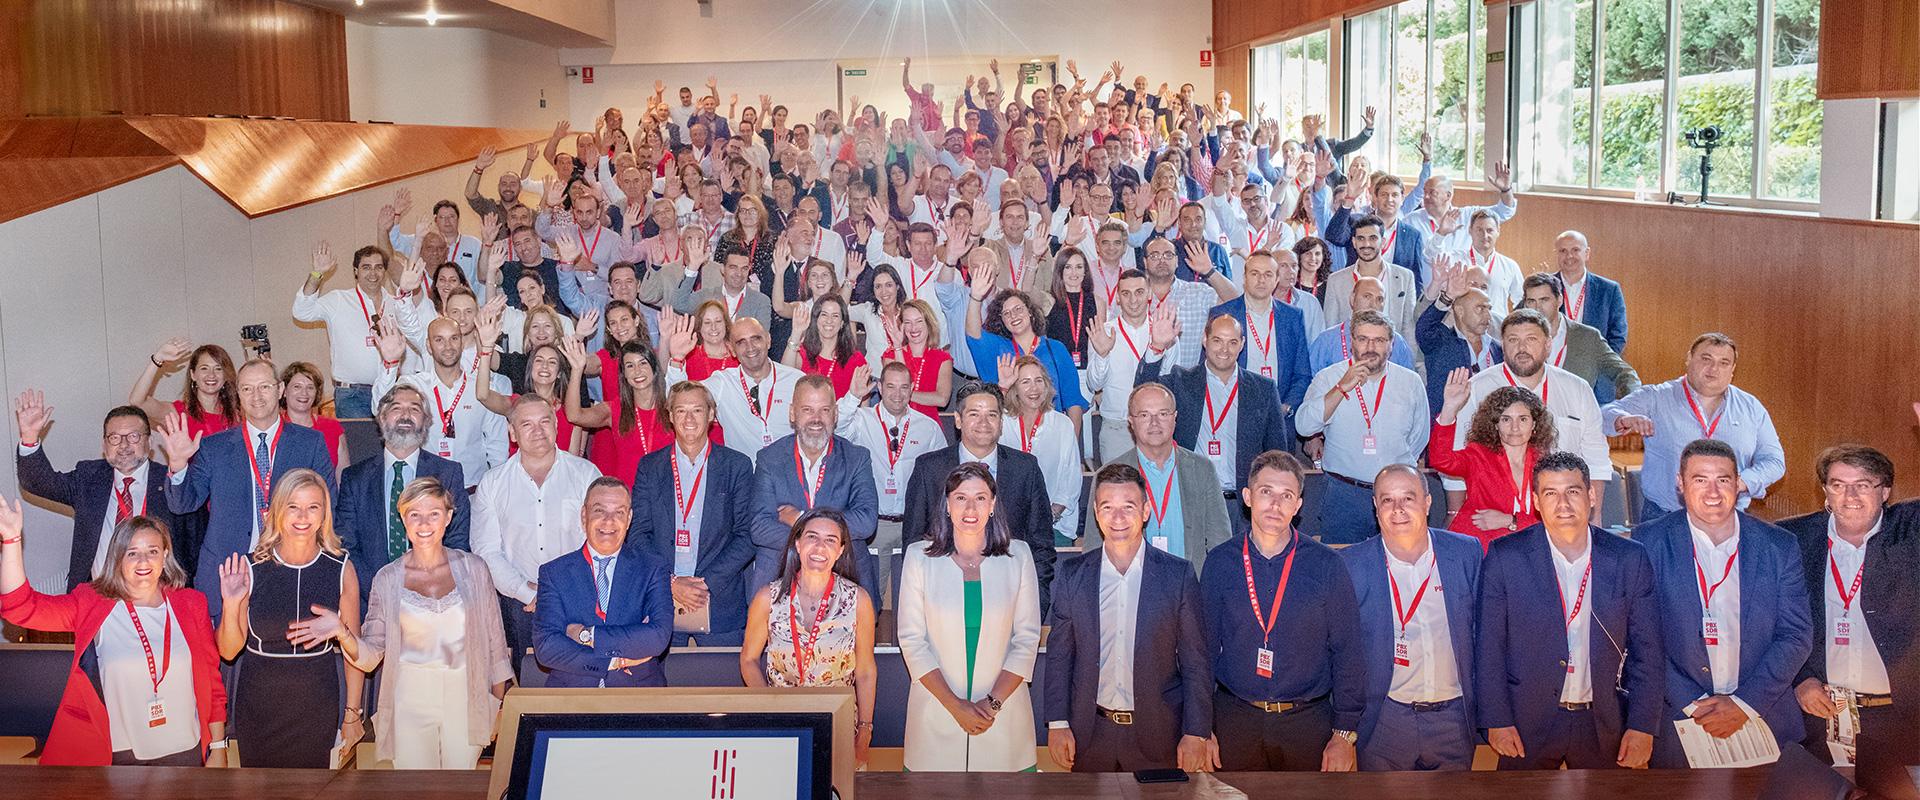 VII Convención en Santander